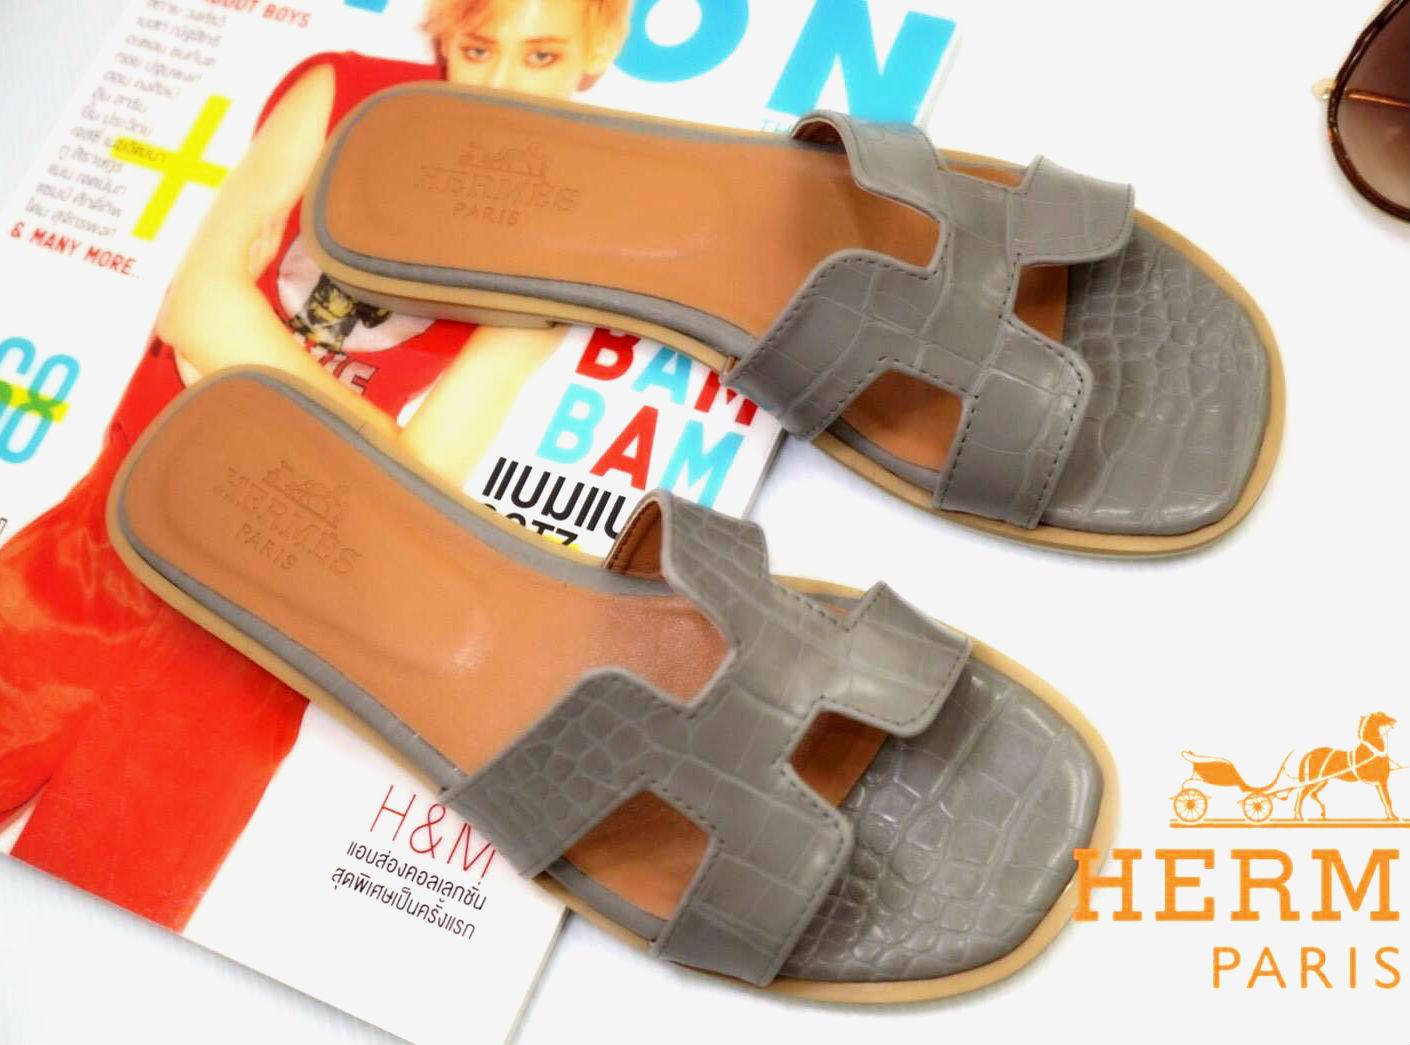 รองเท้าแตะแฟชั่น แบบสวม หน้า H สไตล์แอร์เมส ลายหนังงูสวยเรียบหรู ทรงสวย หนังนิ่ม ใส่สบาย แมทสวยได้ทุกชุด (HM21)